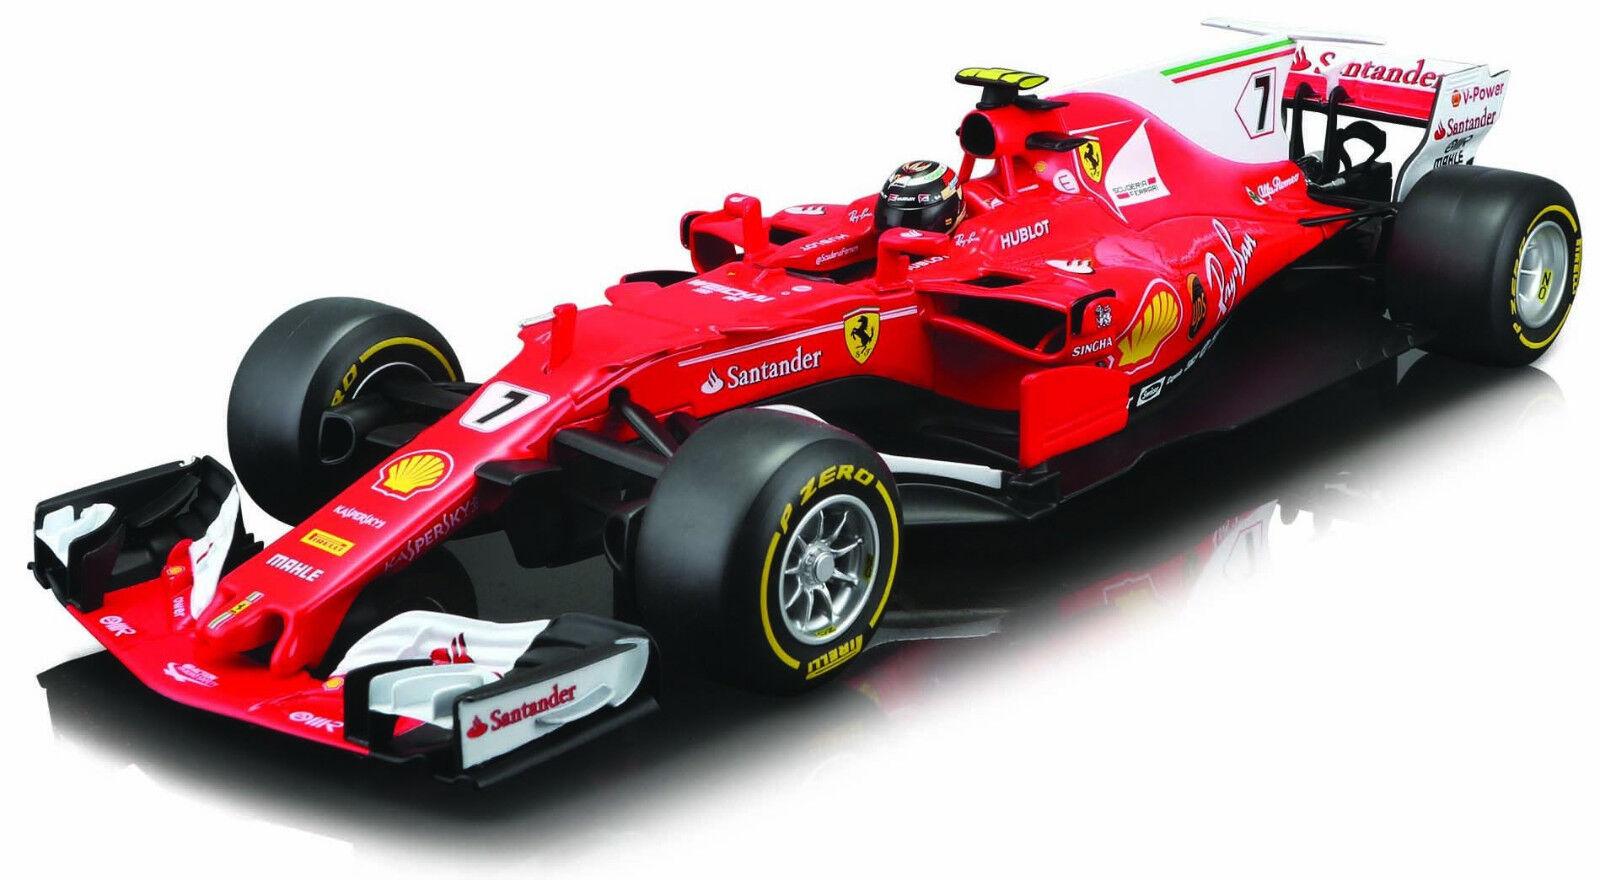 Ferrari sf70h #7 Kimi R ikkönen 2017 Formula 1 - 1:18 Bburago | Outlet Online Store  | Des Produits De Qualité,2019 New  | Approvisionnement Suffisant